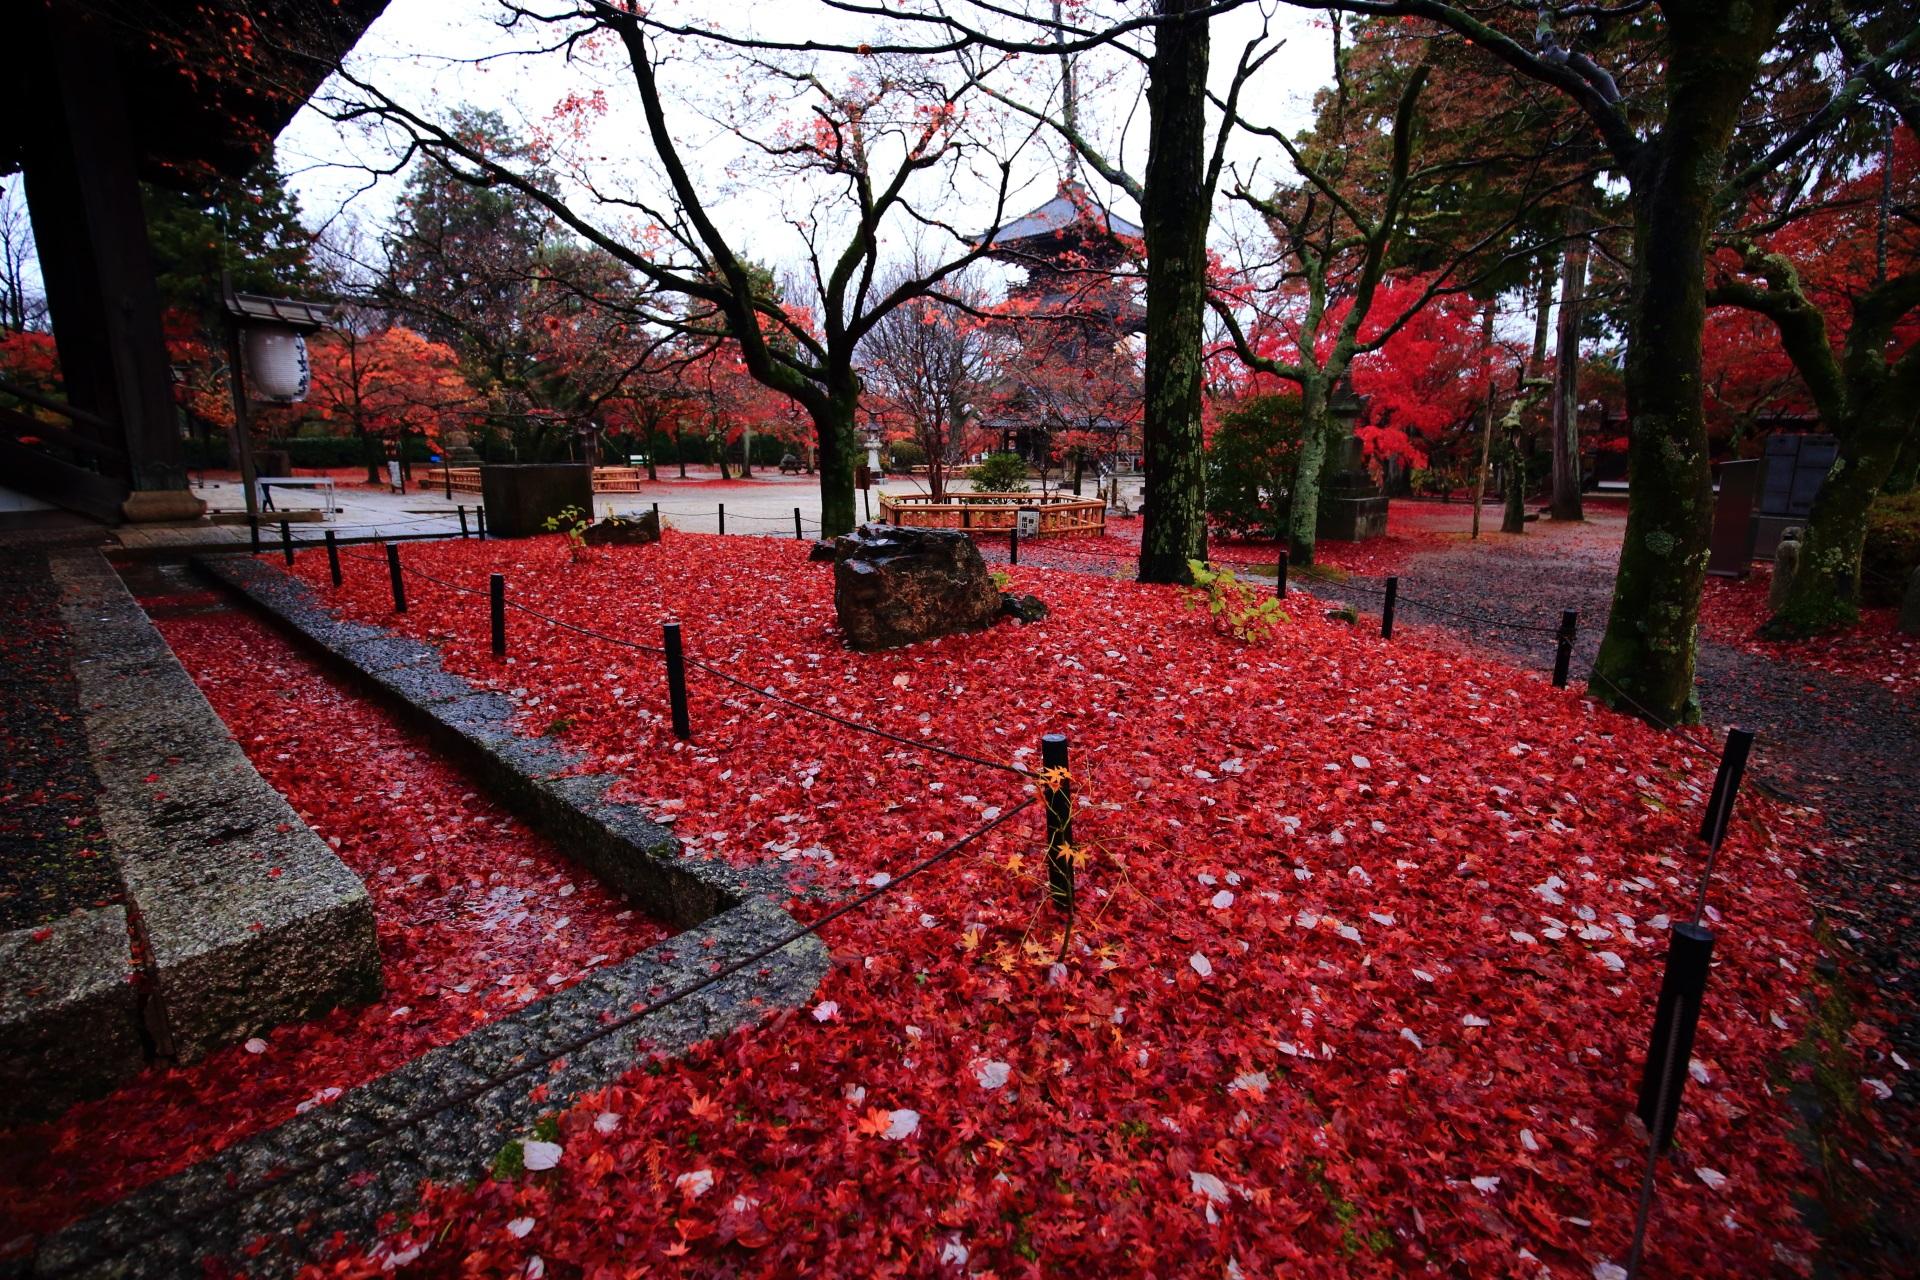 真如堂の本堂付近から眺めた三重塔と散り紅葉